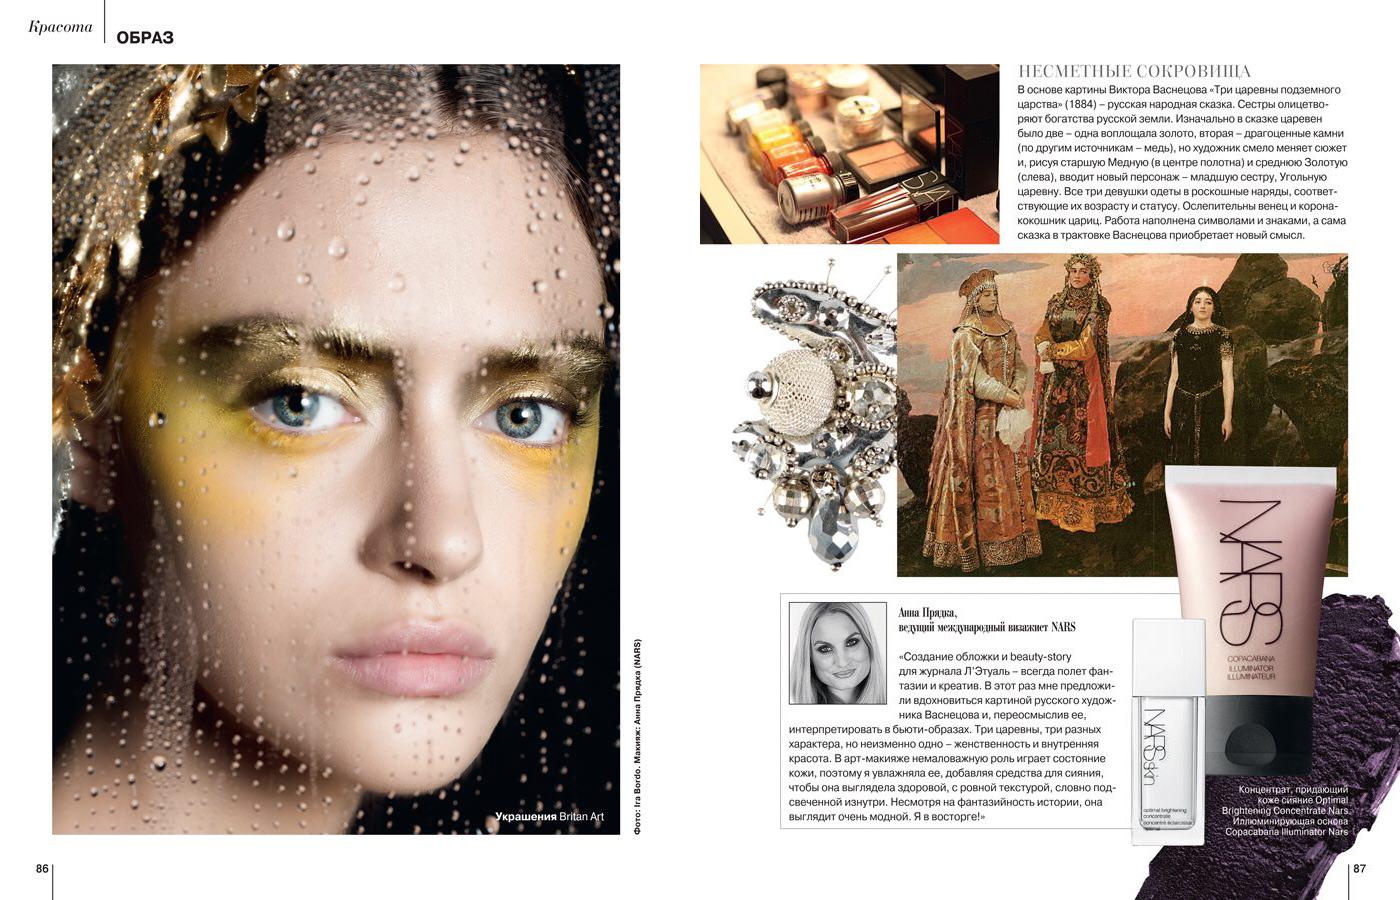 Съемка для журнала, Л'Этуаль, летуаль, шоурум, дизайнерская одежда, выдача вещей на съемки, российские дизайнеры. Anya Komyagina, Аня Комягина украшения.